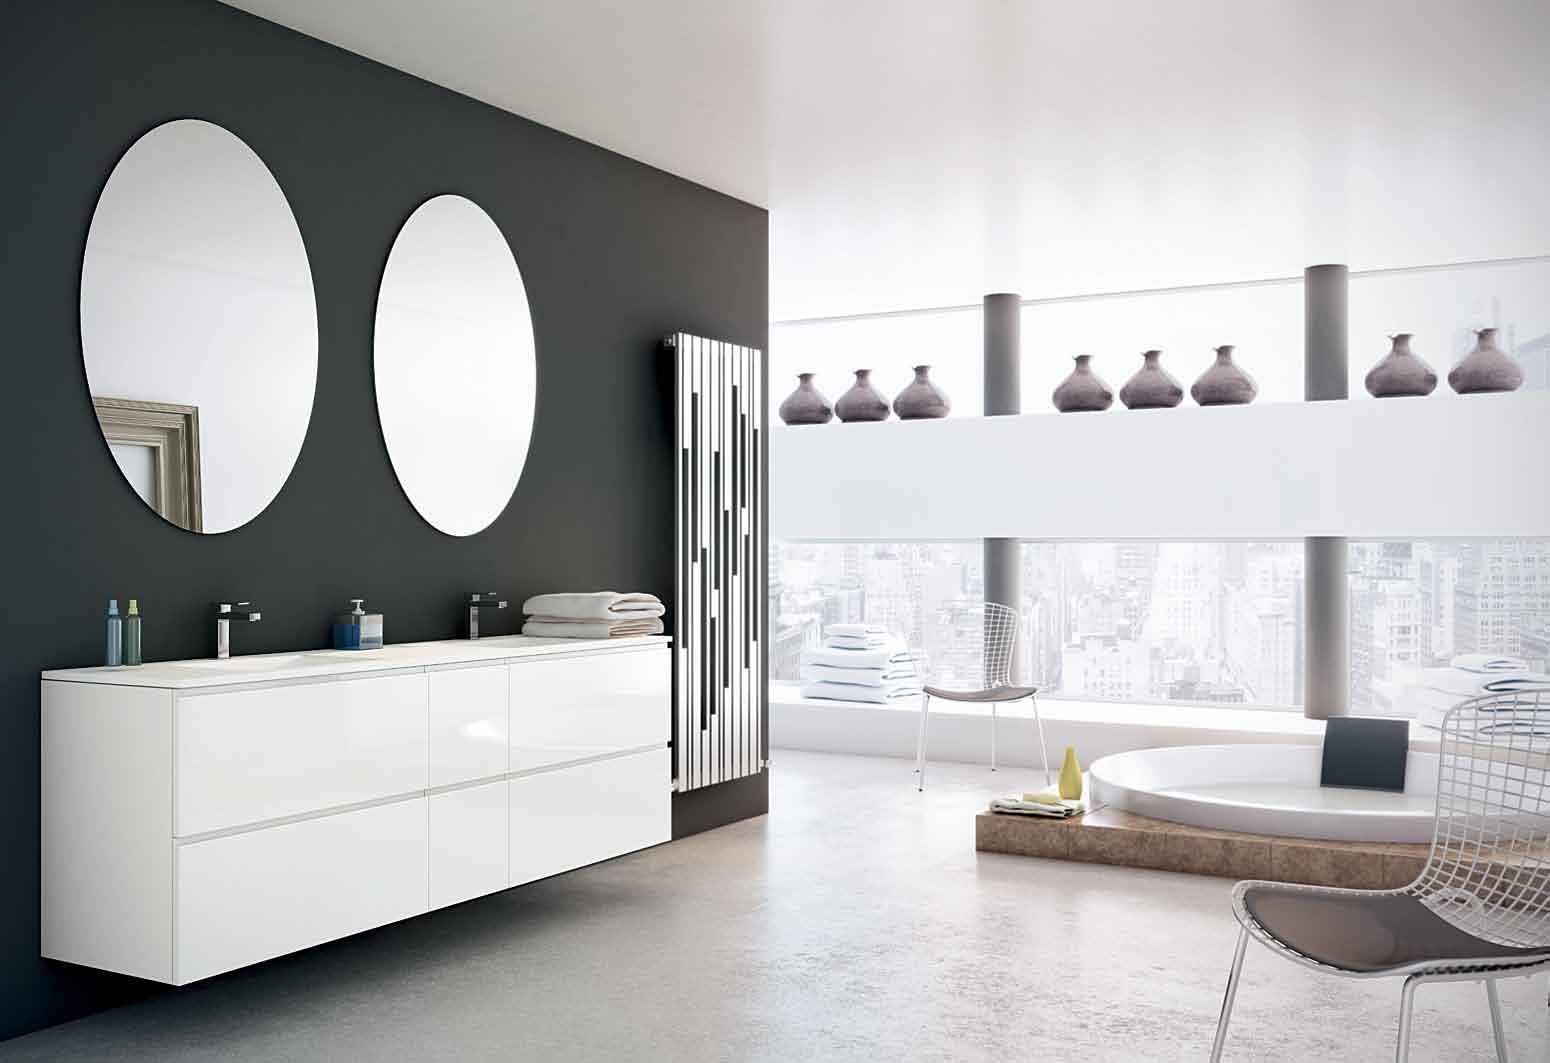 Muebles de ba o para cuartos de ba o elegantes y modernos calidad dise o - Muebles cuarto bano ...